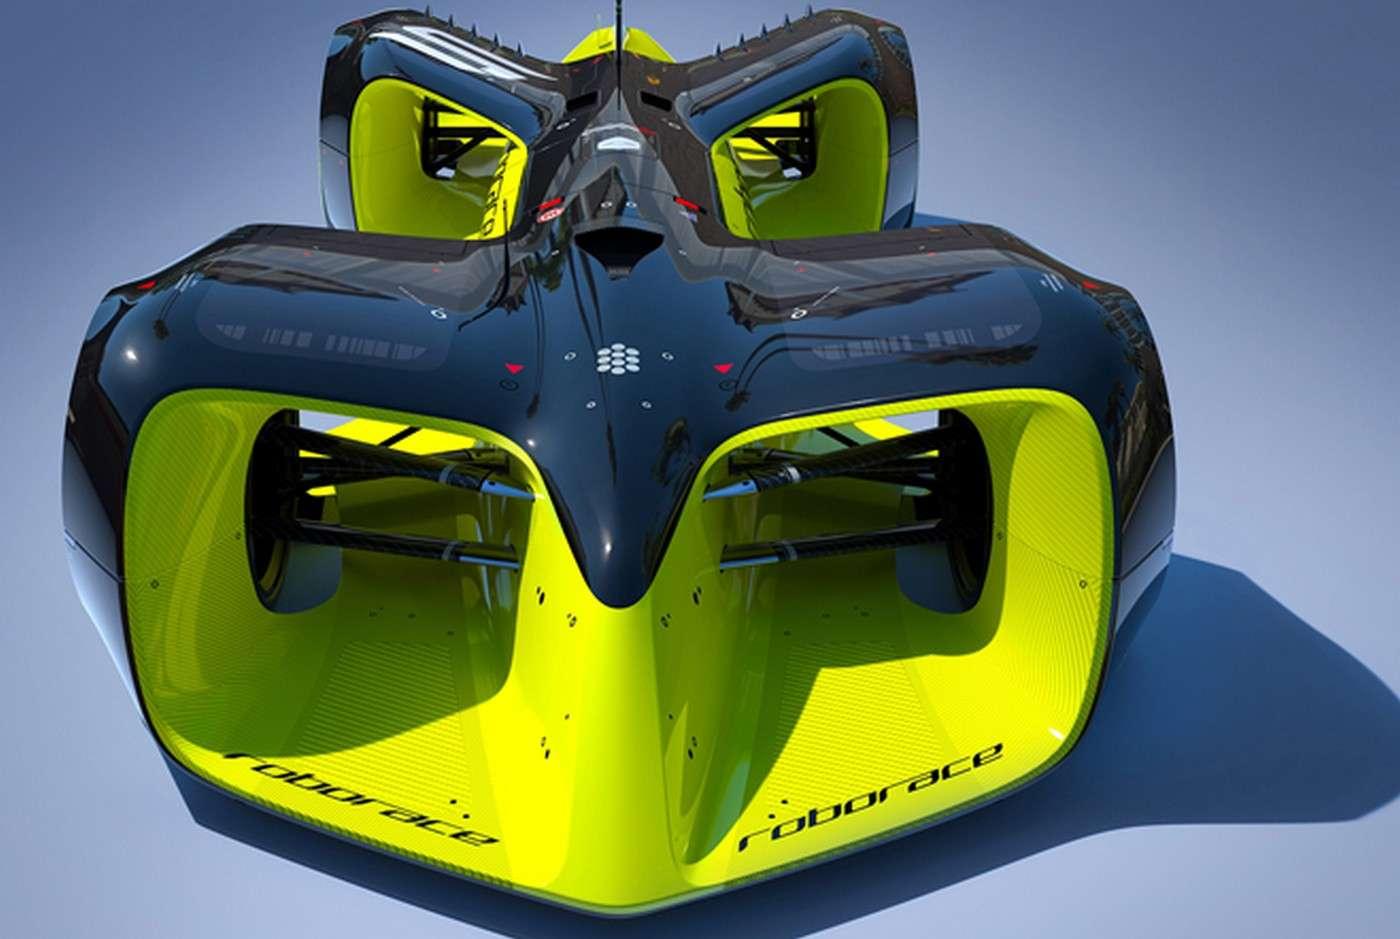 Voici à quoi ressembleront les voitures de course autonomes qui participeront à la Roborace. Si le design et le matériel sont identiques pour les dix équipes, celles-ci devront faire la différence sur leur travail au niveau des algorithmes de conduite. Une première démonstration doit avoir lieu durant la saison 2016/2017 du championnat de Formule E. © Roborace